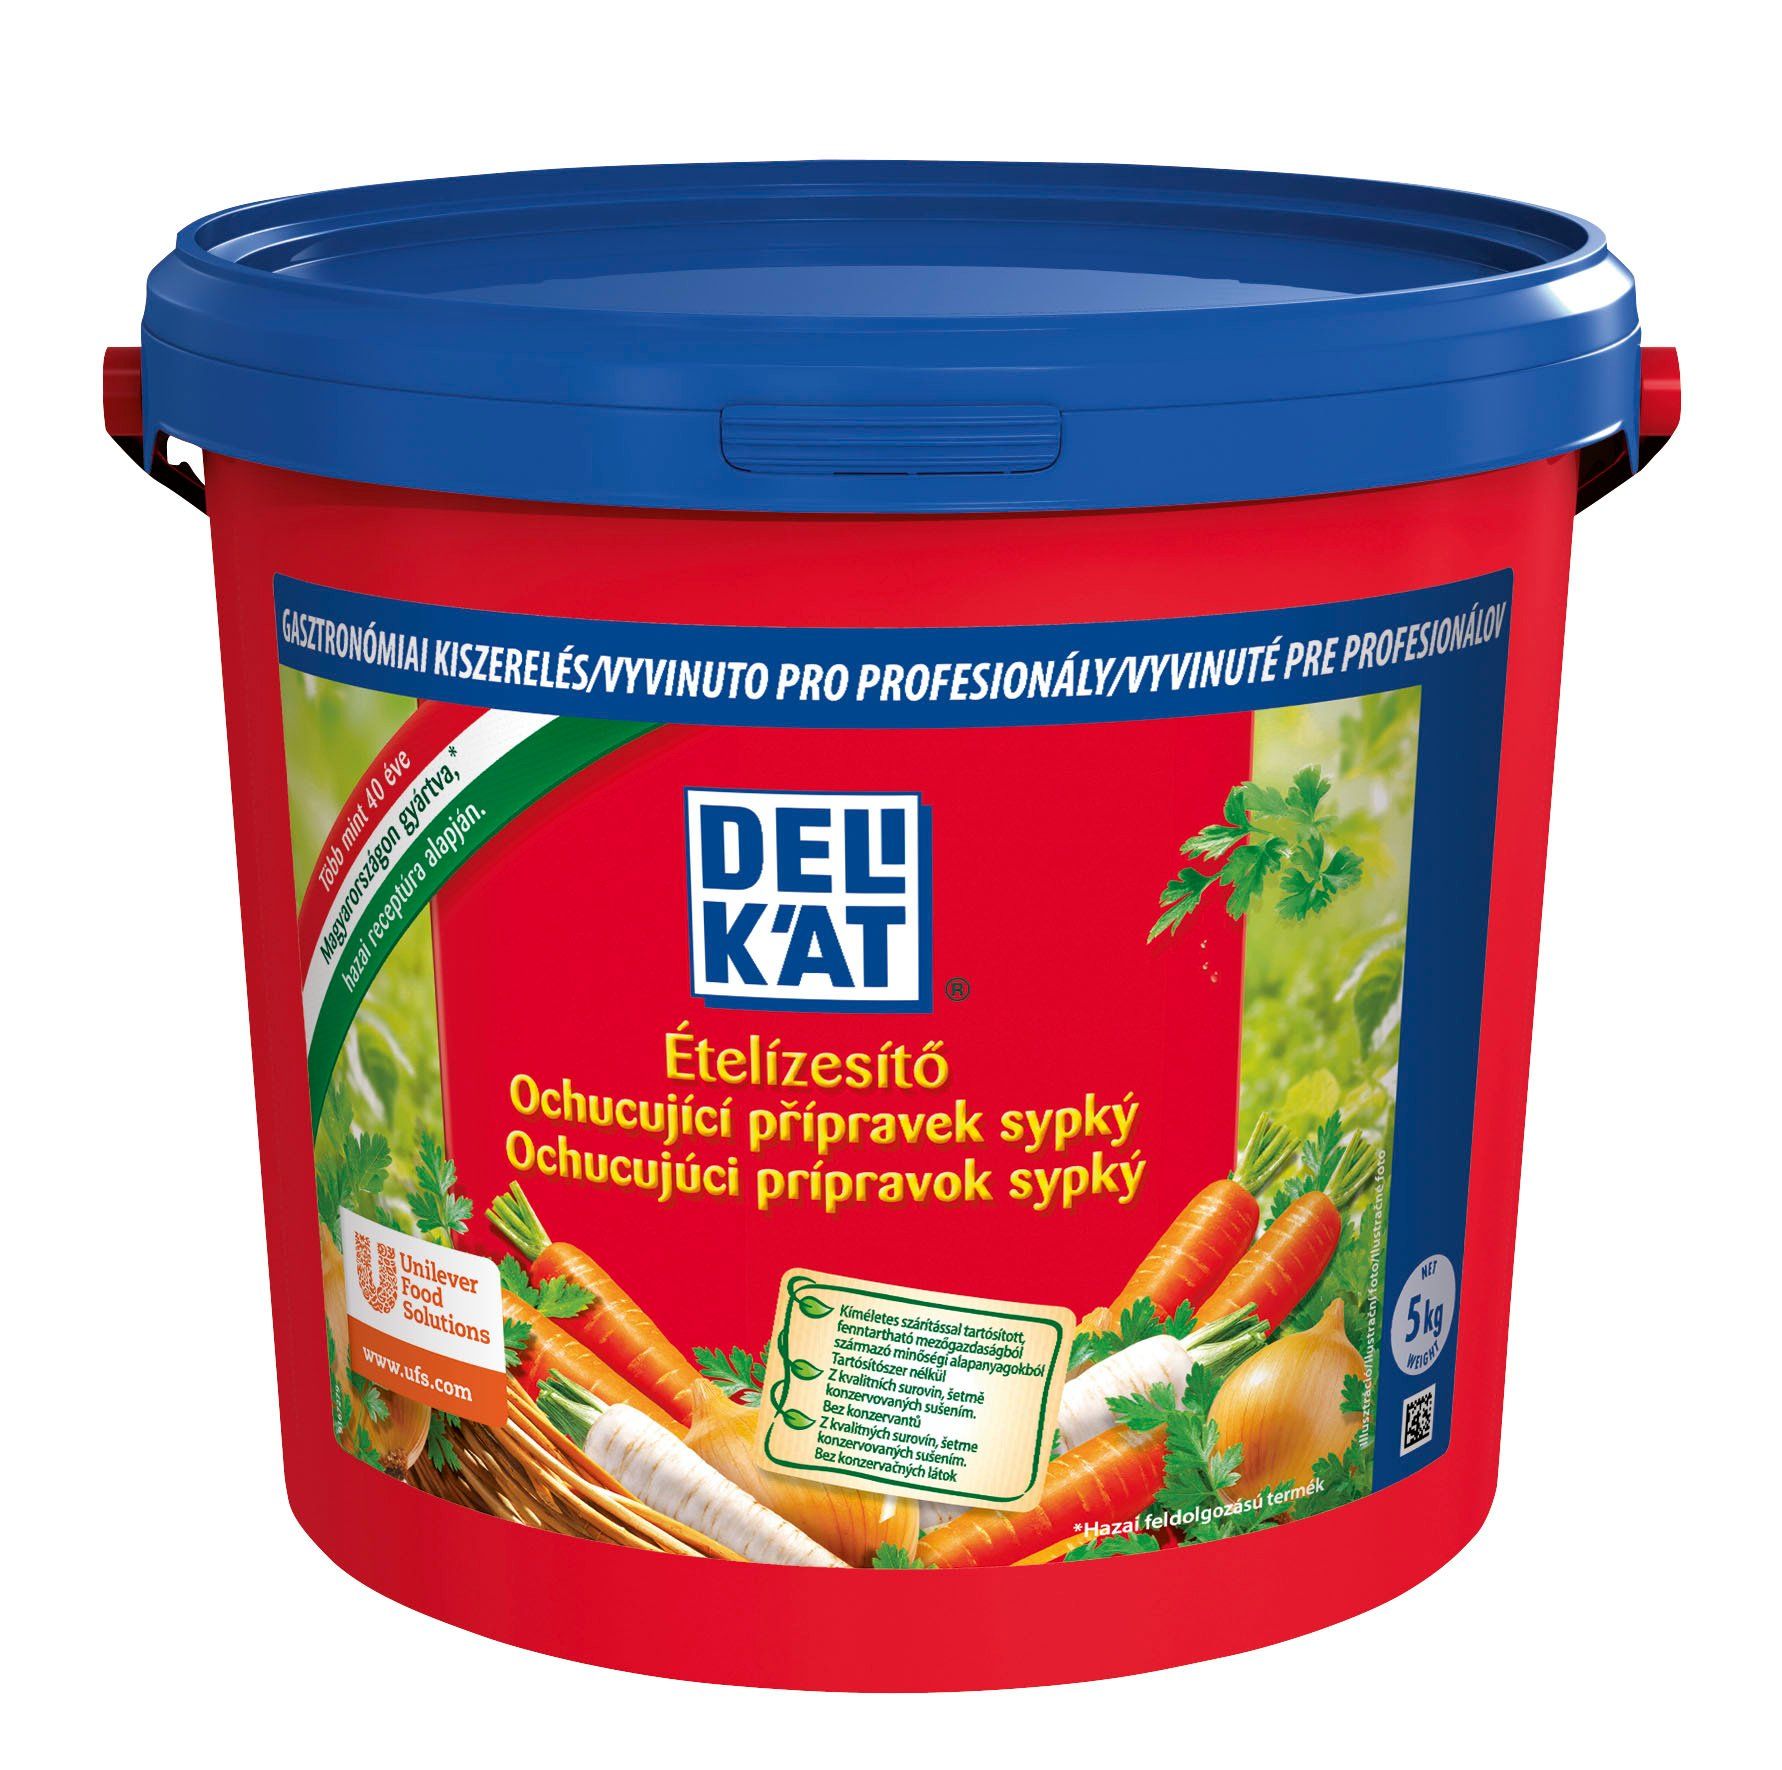 KNORR Delikát Ételízesítő 5 kg